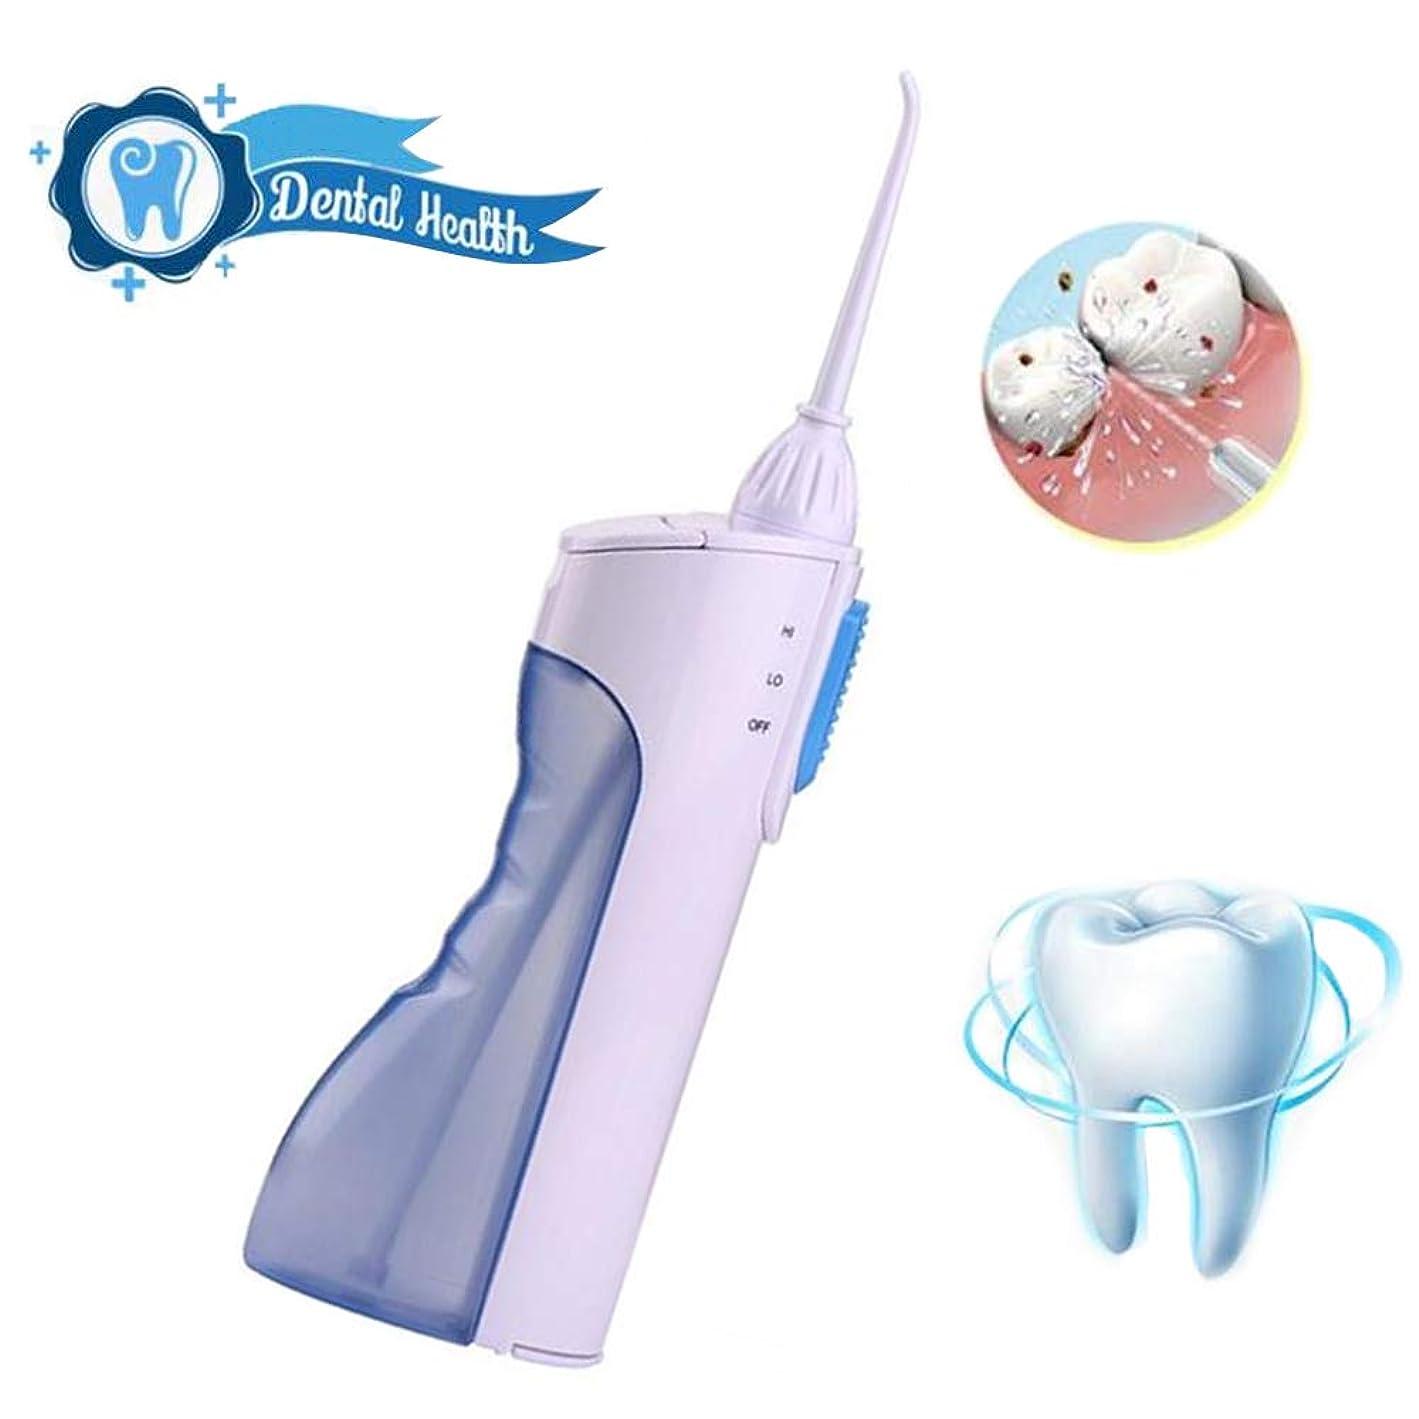 トライアスロン脈拍巨人歯のための水フロッサー、165mlタンクと2つのジェット機の先端が付いている携帯用専門のコードレス歯科口頭潅漑器、2つのクリーニングモード